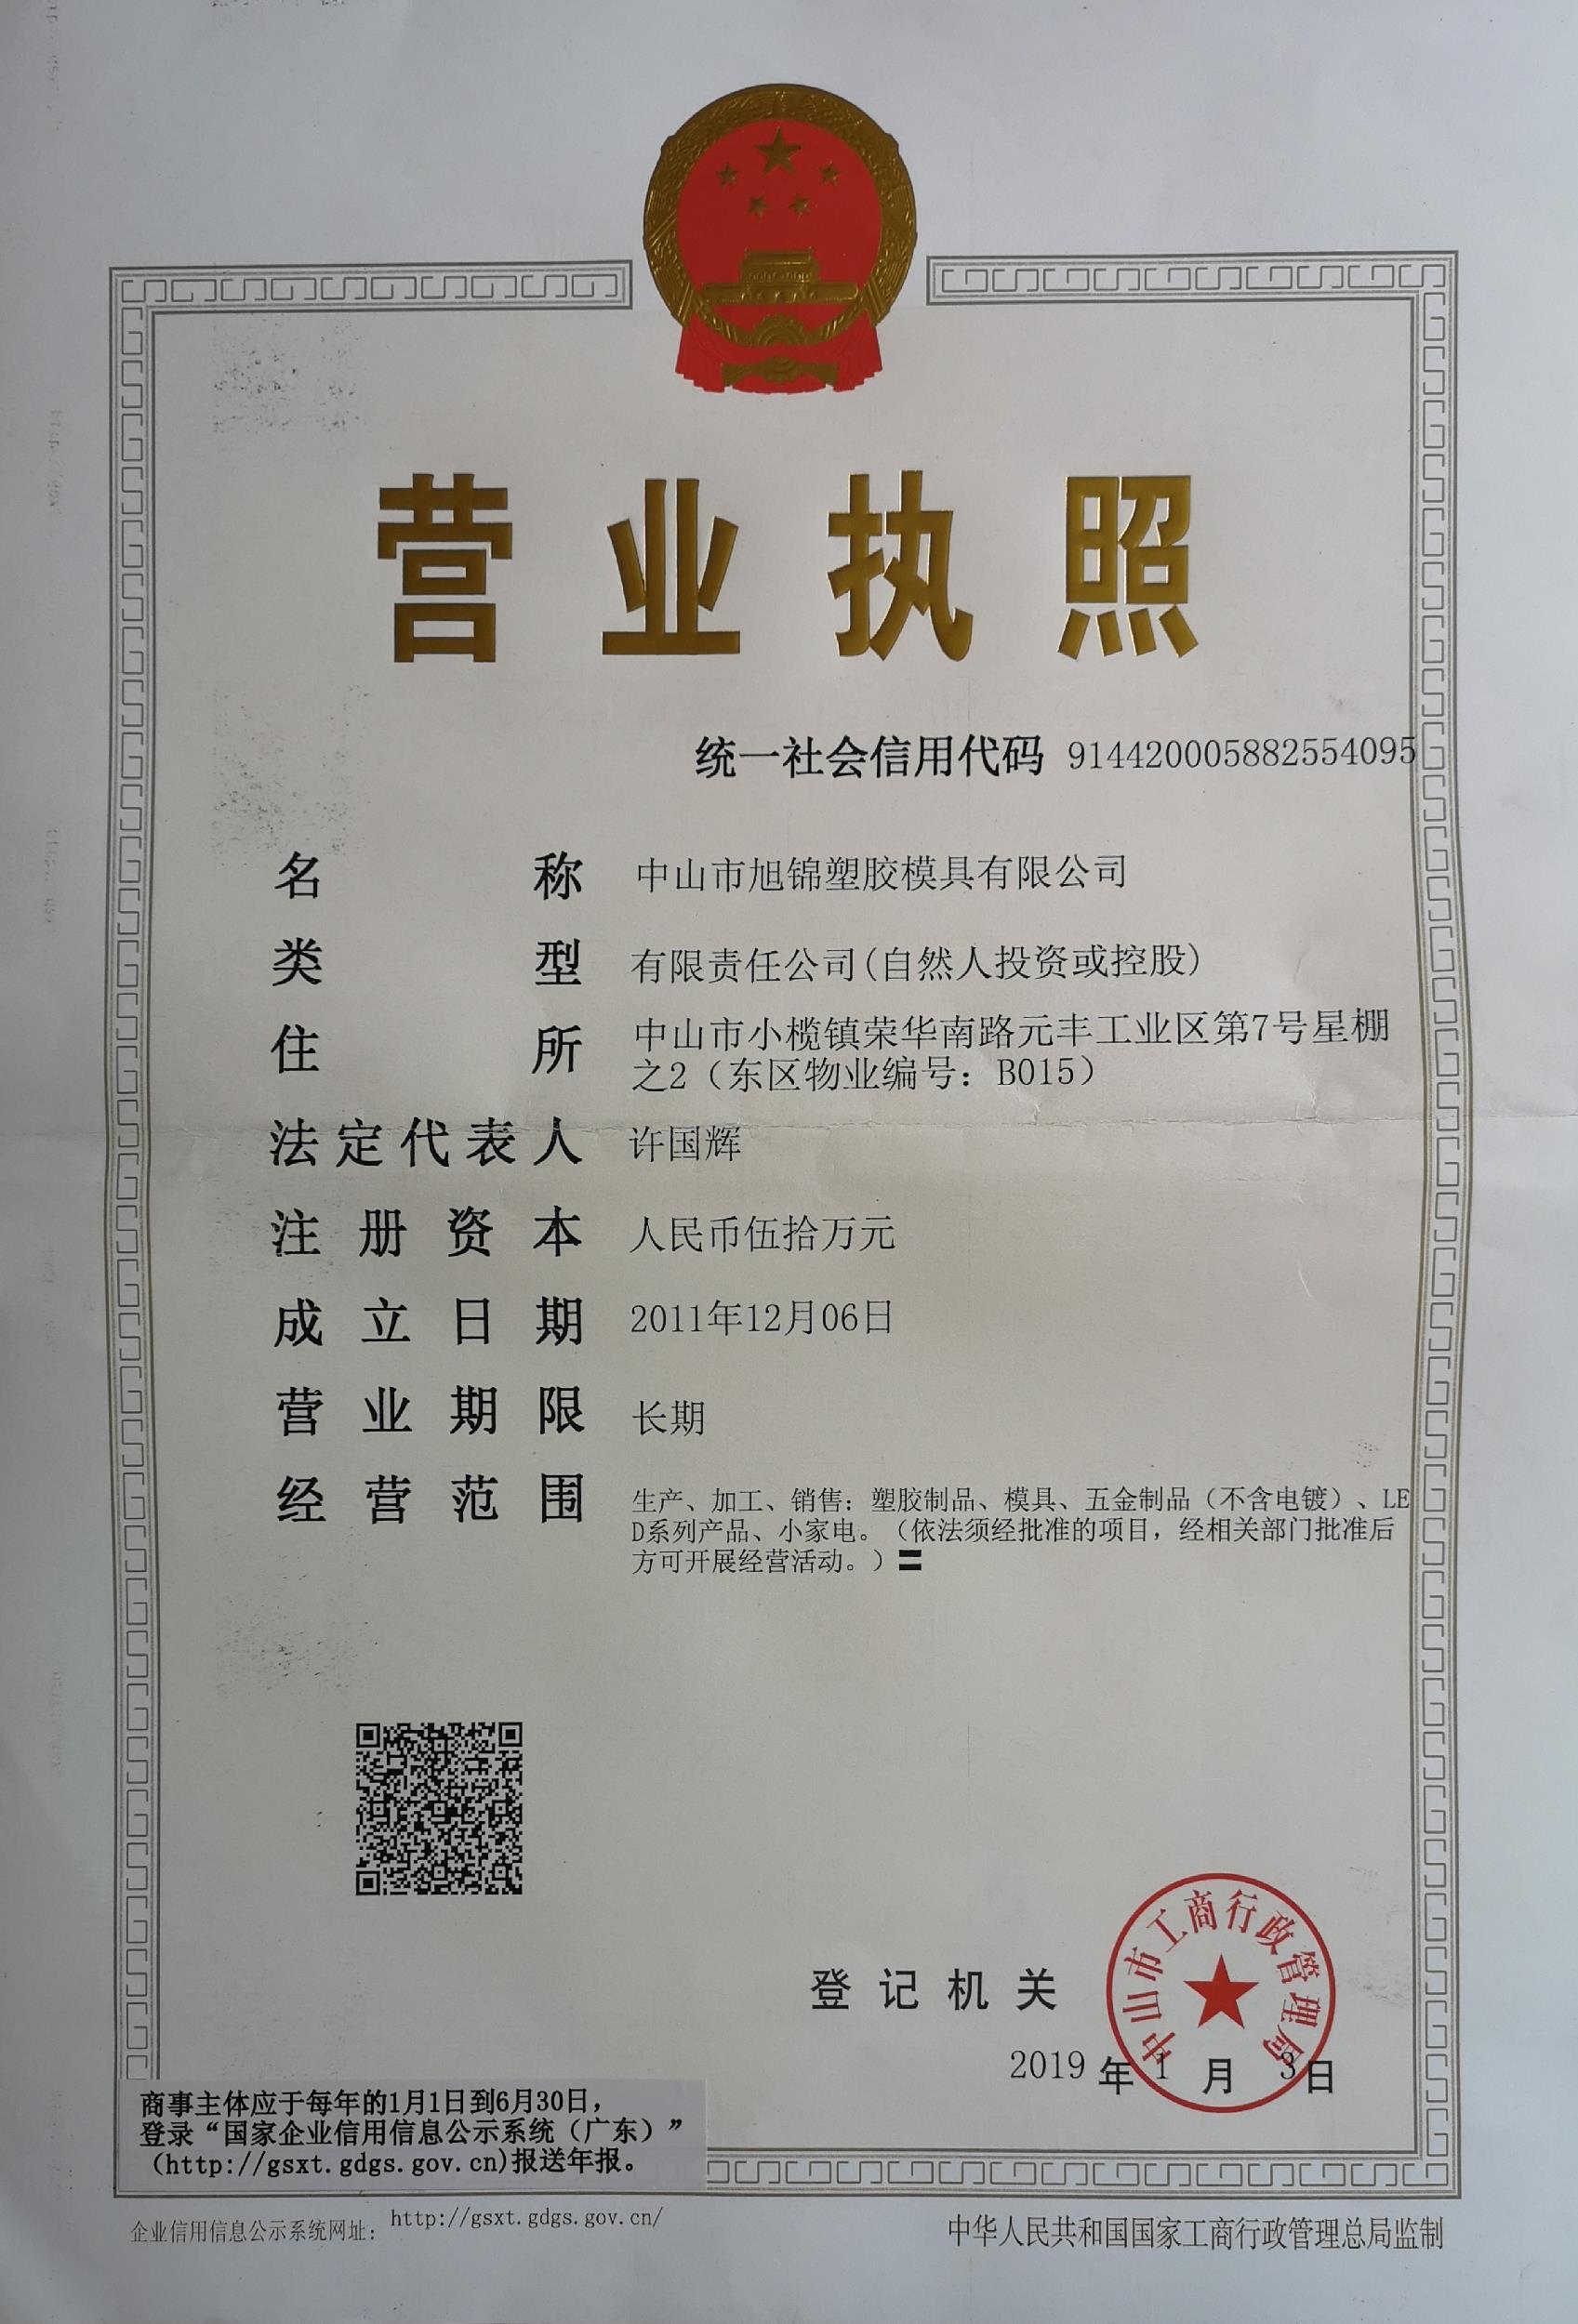 中山市旭锦塑胶模具公司营业执照